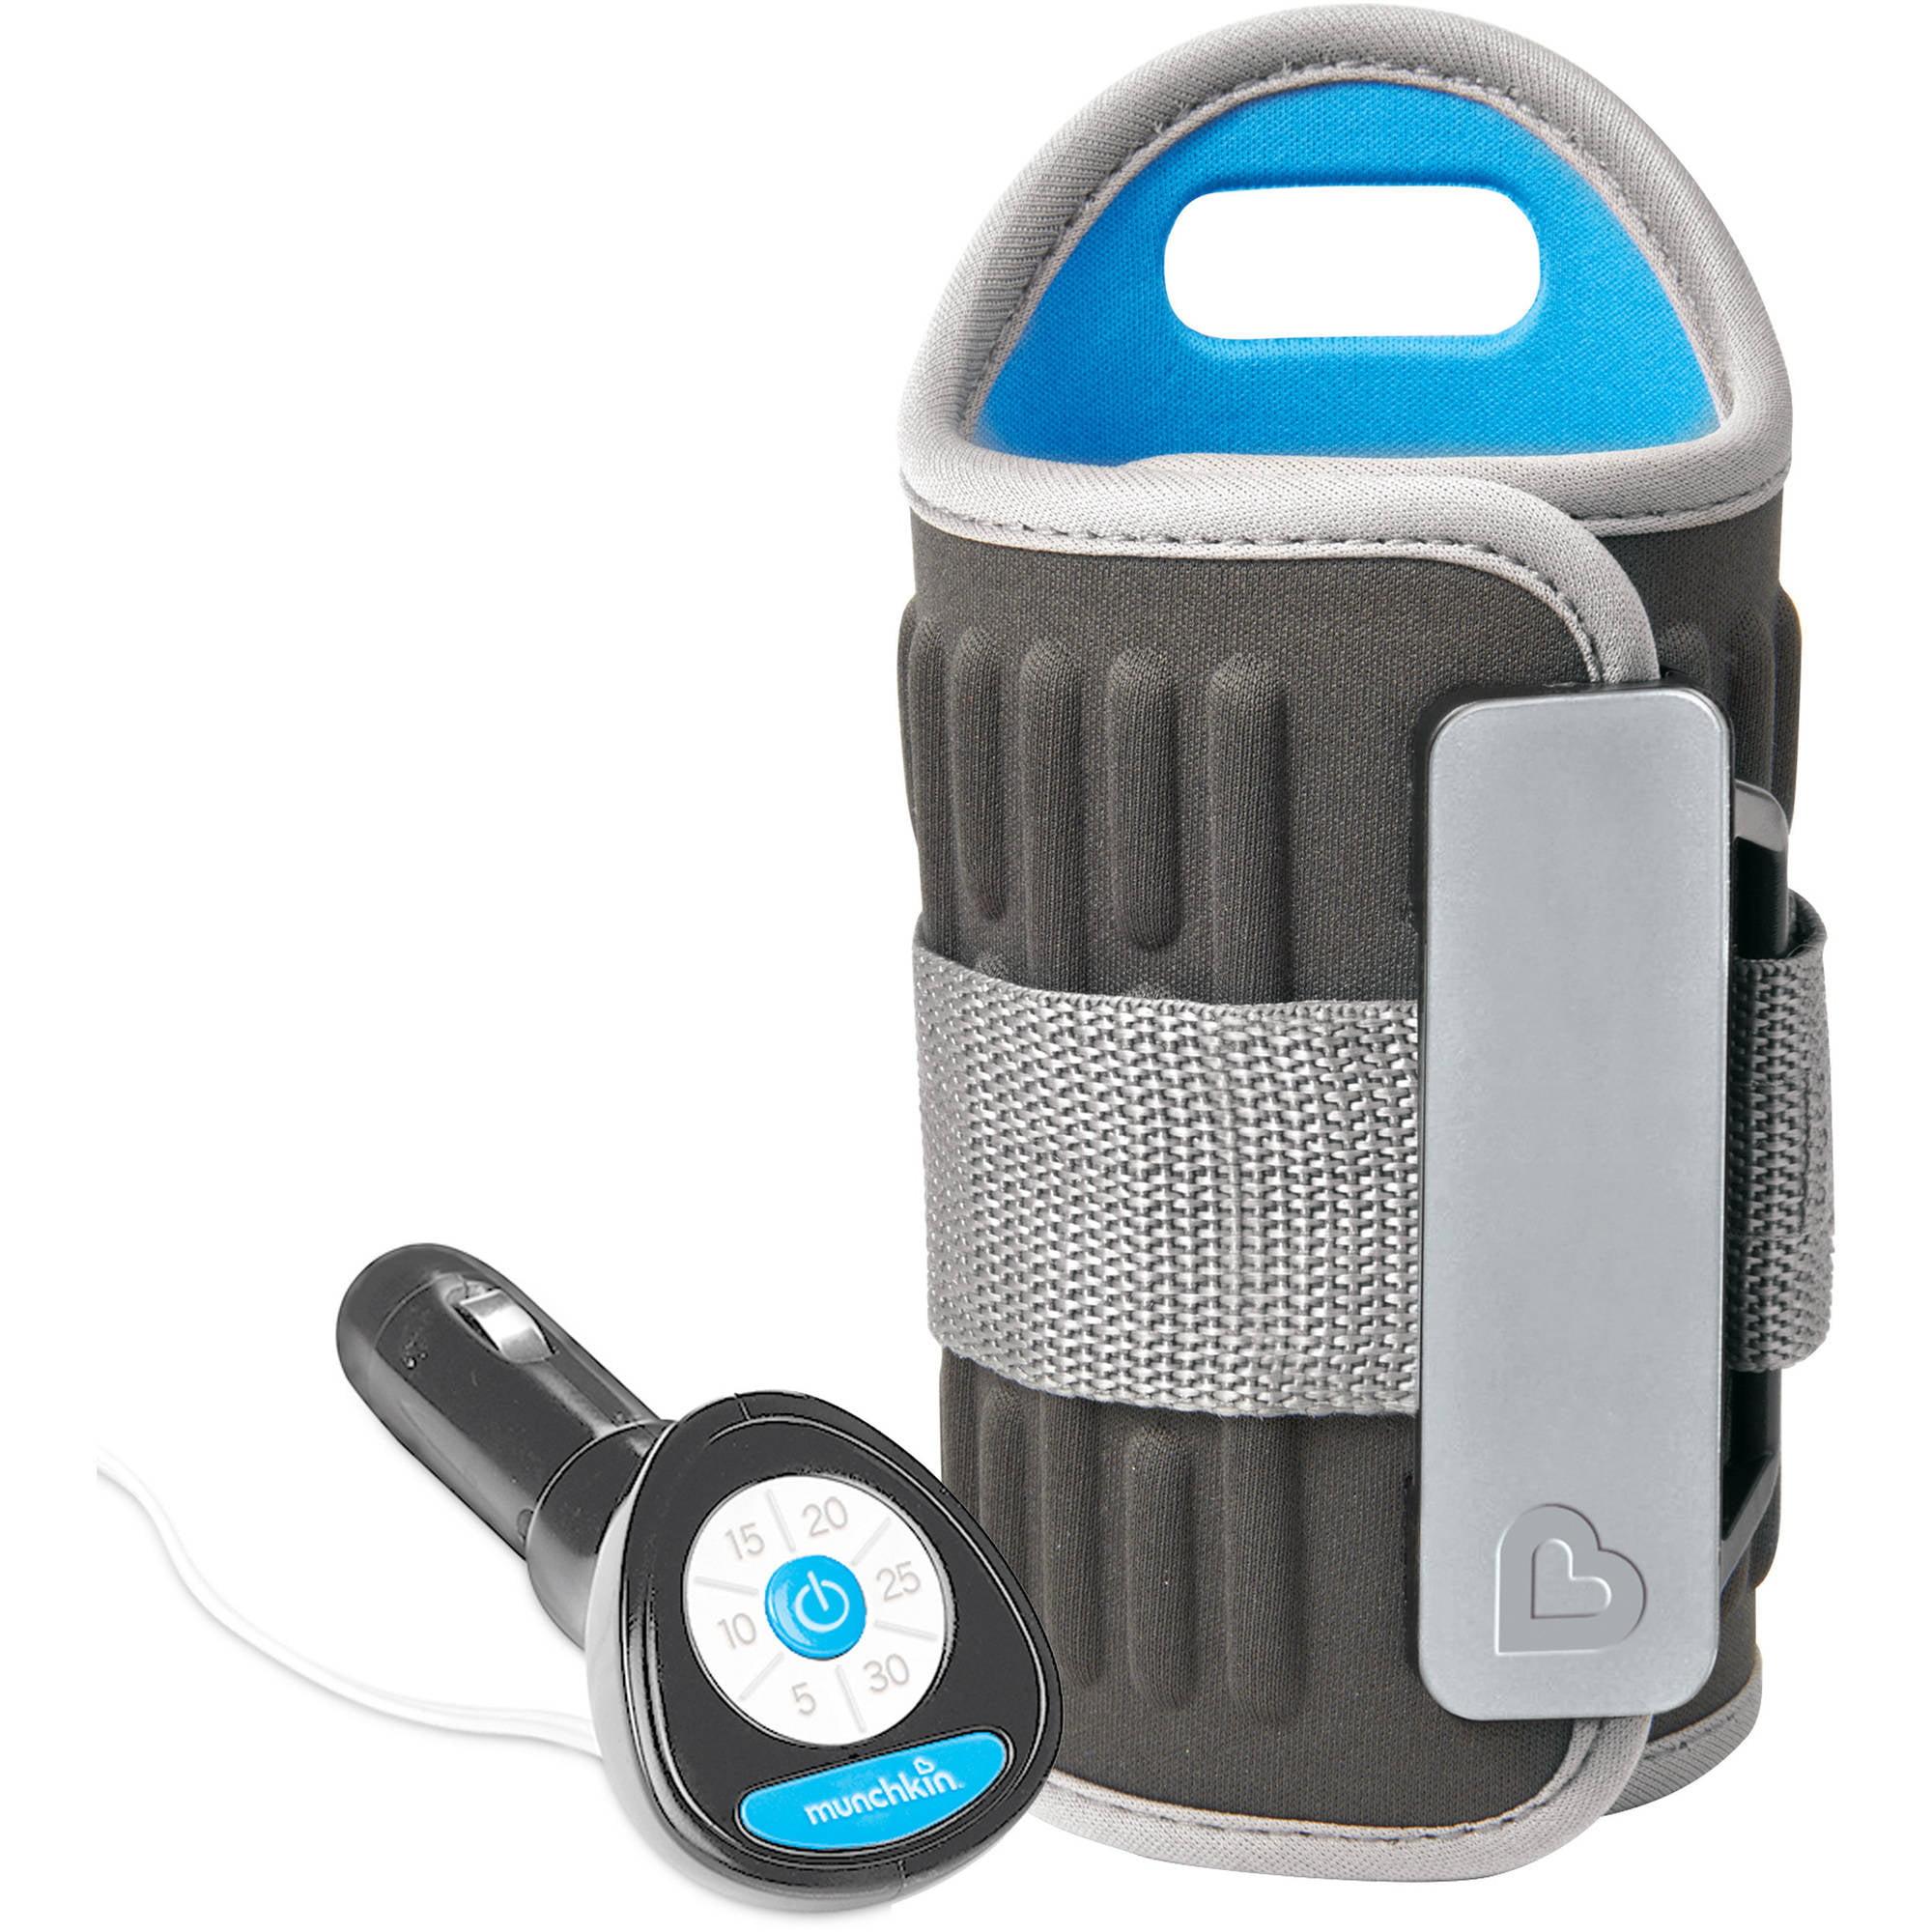 Munchkin - Travel Bottle Warmer